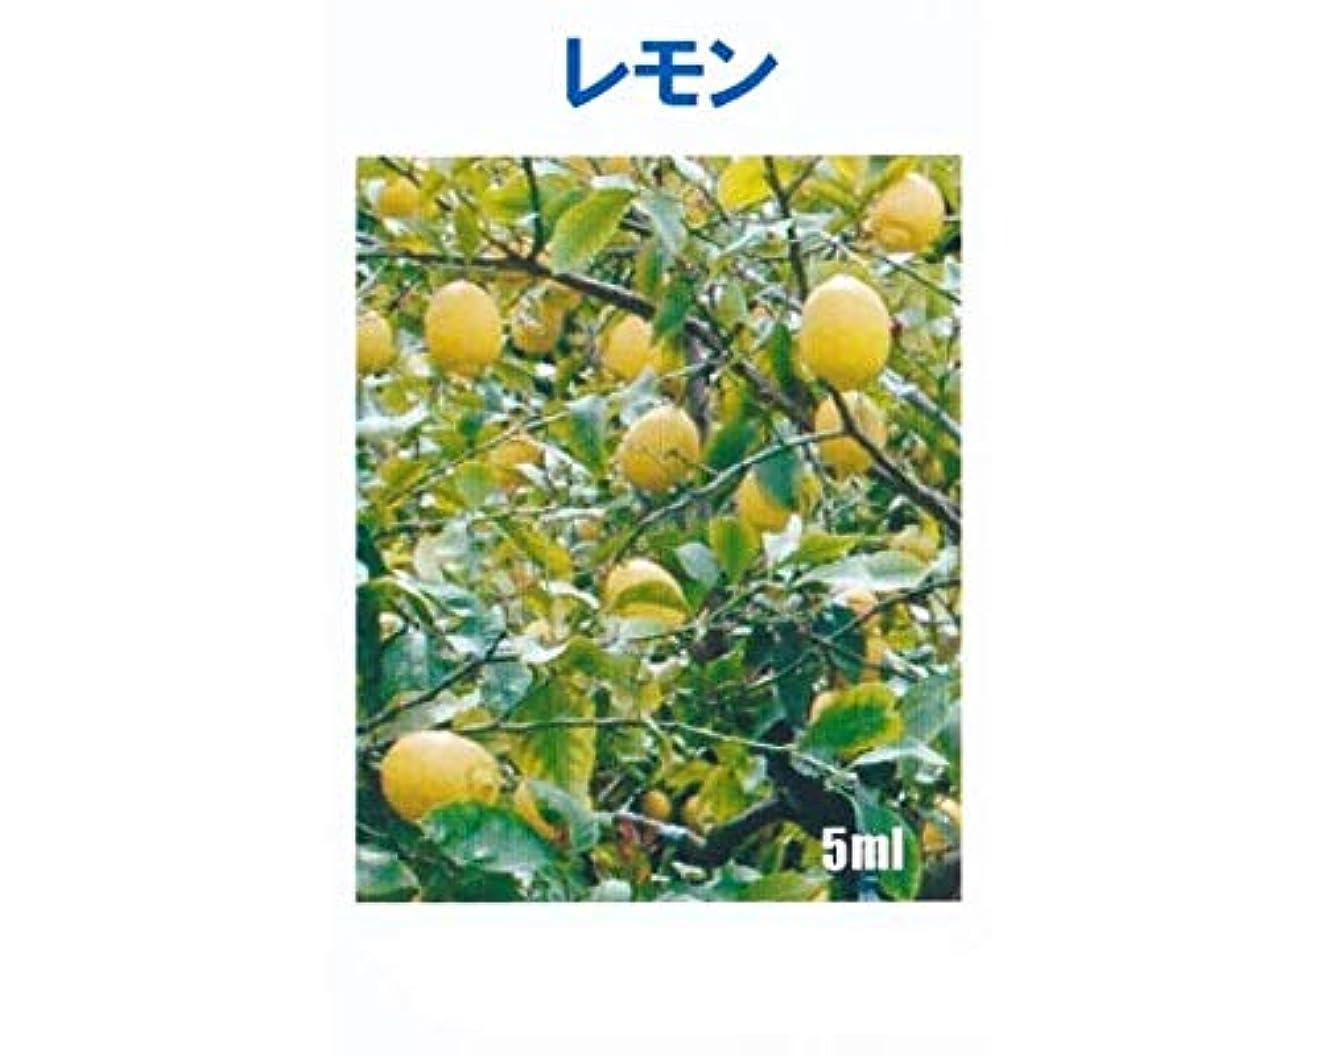 兄弟愛再生ギターアロマオイル レモン 5ml エッセンシャルオイル 100%天然成分